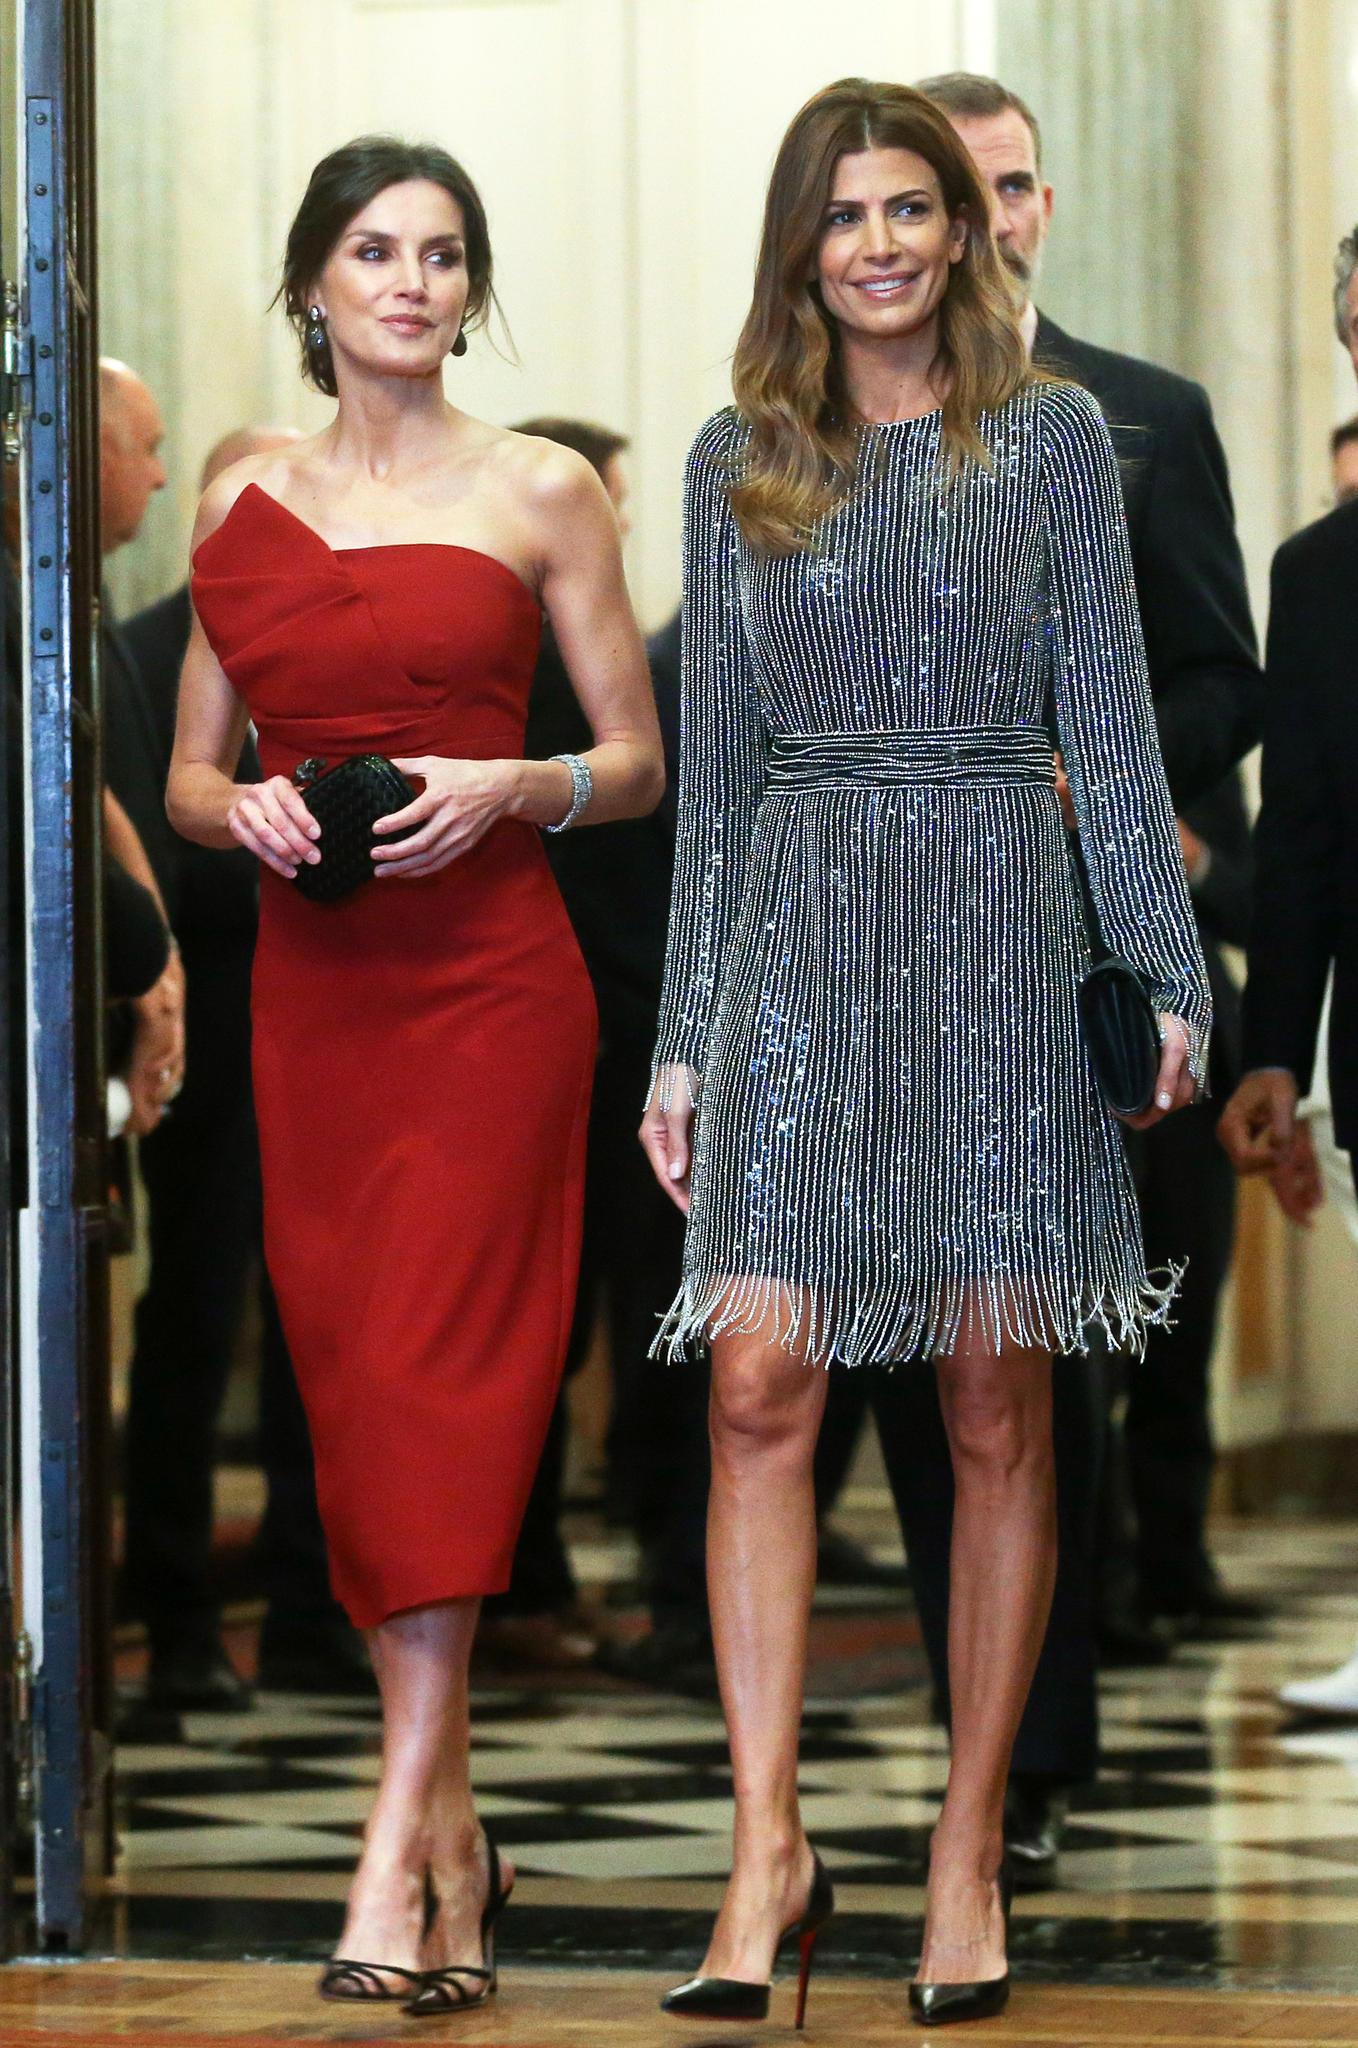 Am Abend zieht Königin Letizia in dieser roten Roben alle Blicke auf sich. An der Seite von Argentiniens First LadyJuliana Awada legt die spanische Königin einen hollywoodreifen Auftritt hin.